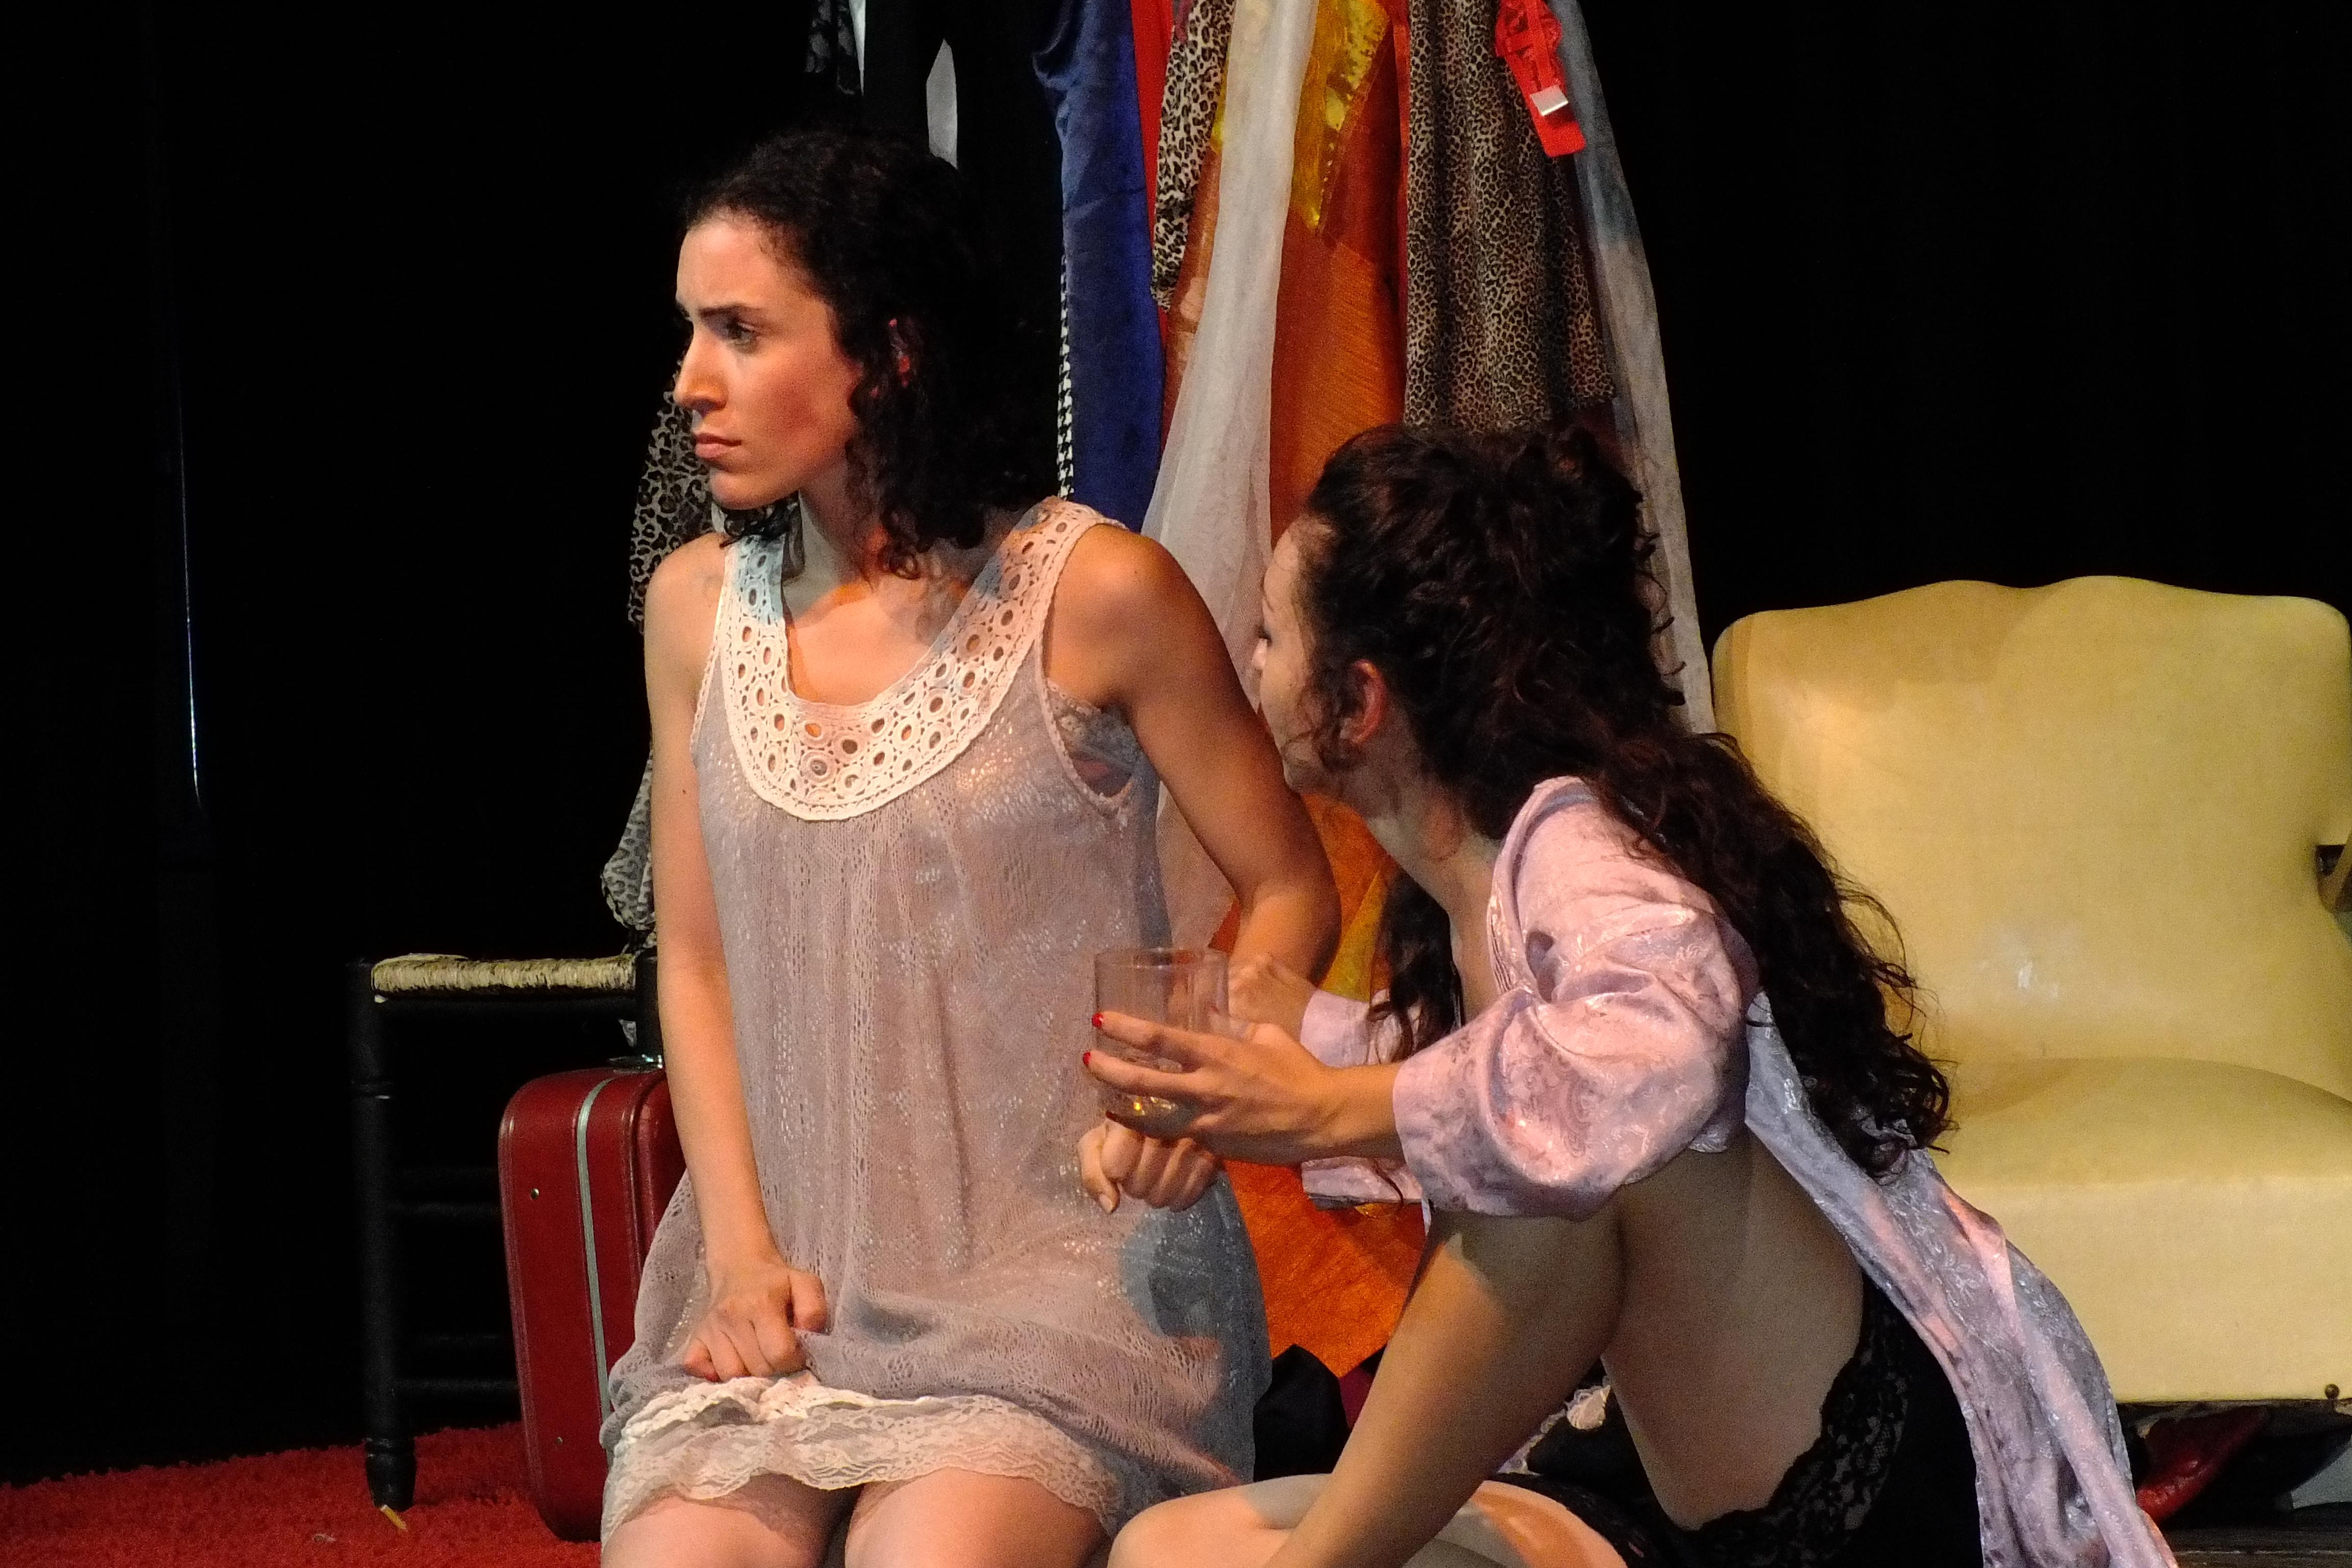 Paraskenia Teatro ganador del XXII Certamen Nacional de Teatro 'Raúl Moreno Molero